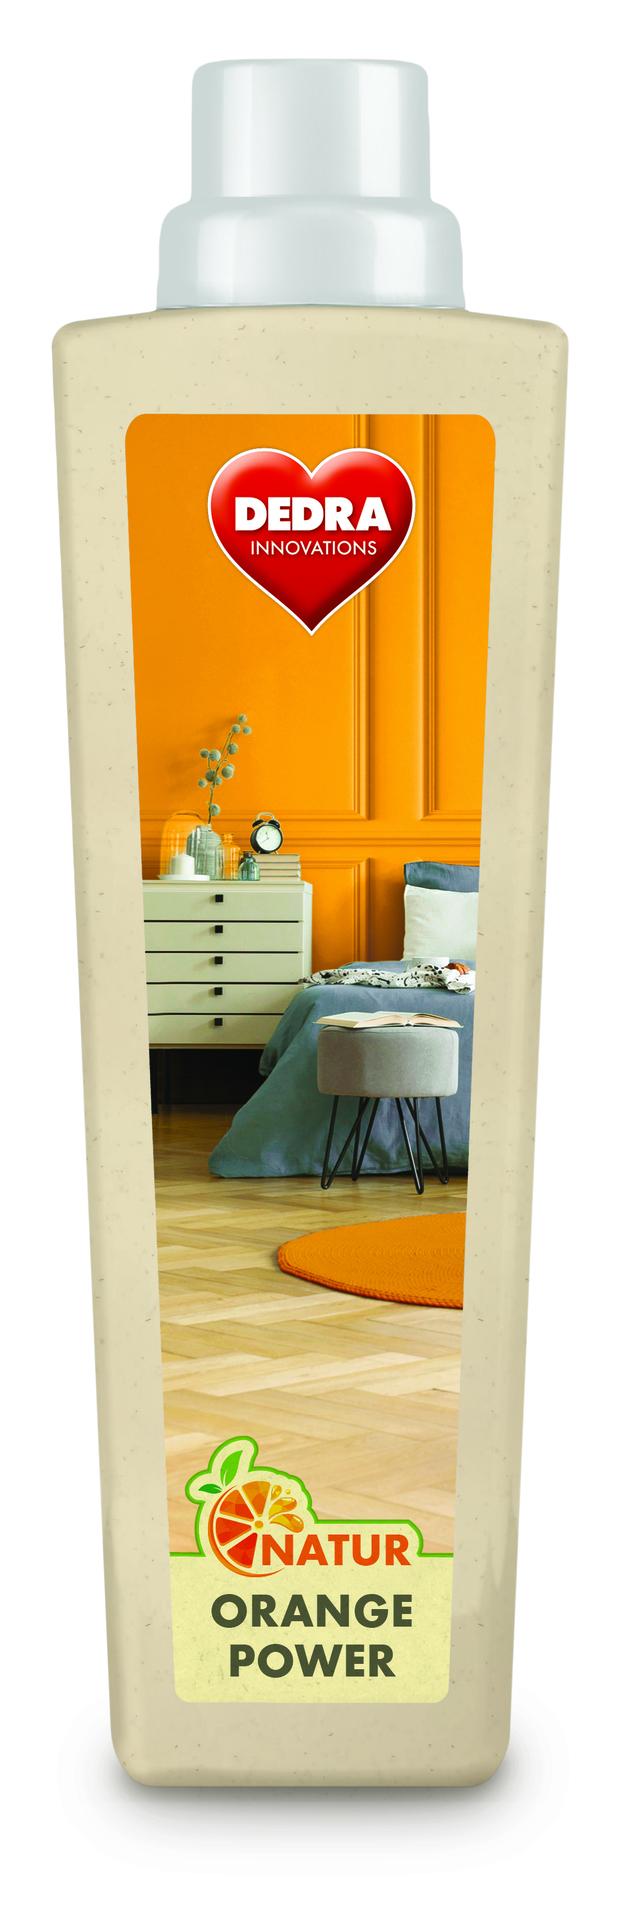 EKO prostředek s pomerančovým olejem na dřevěné podlahy, parkety a hladké povrchy, NATUR ORANGE POWER